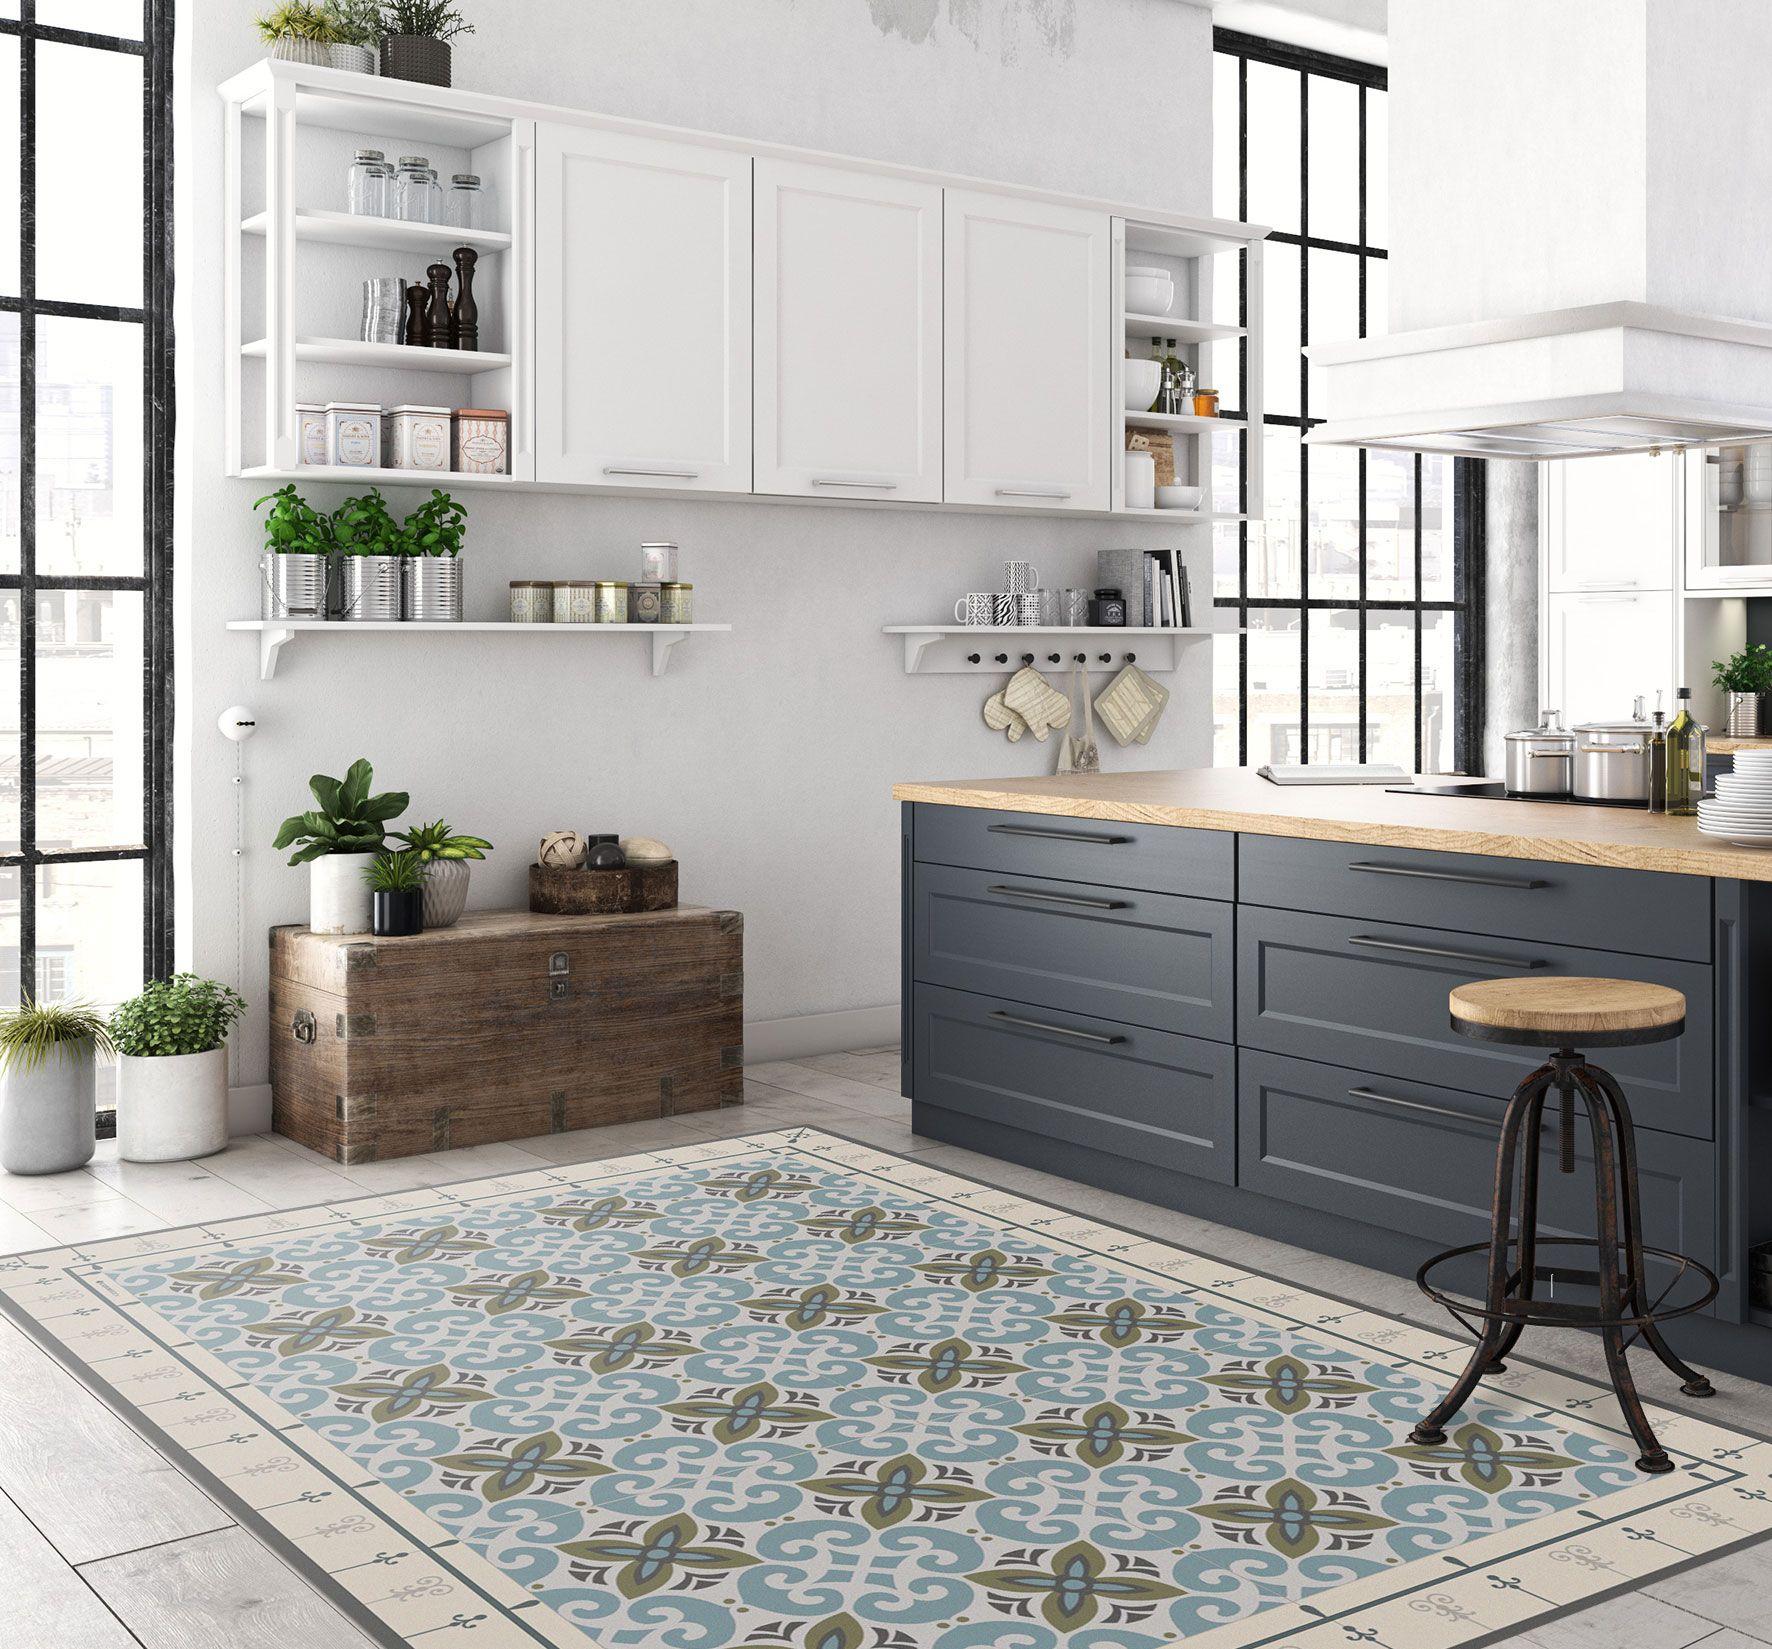 Moroccan Tiles Floor Mat Pvc Kitchen Rug Linoleum Area Rug Etsy Kitchen Mats Floor Kitchen Flooring Vinyl Flooring Kitchen